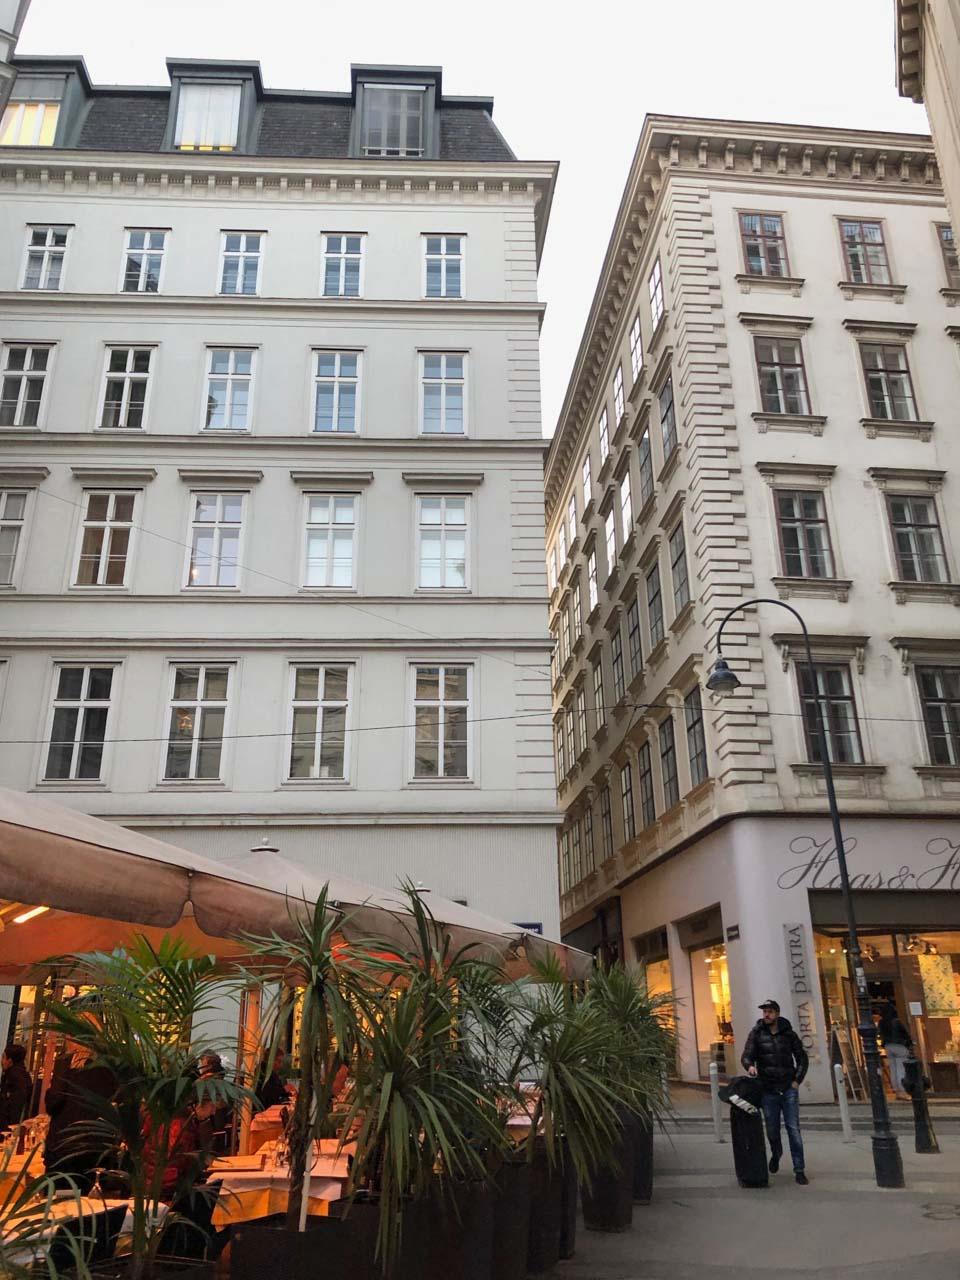 A street in Vienna, Austria